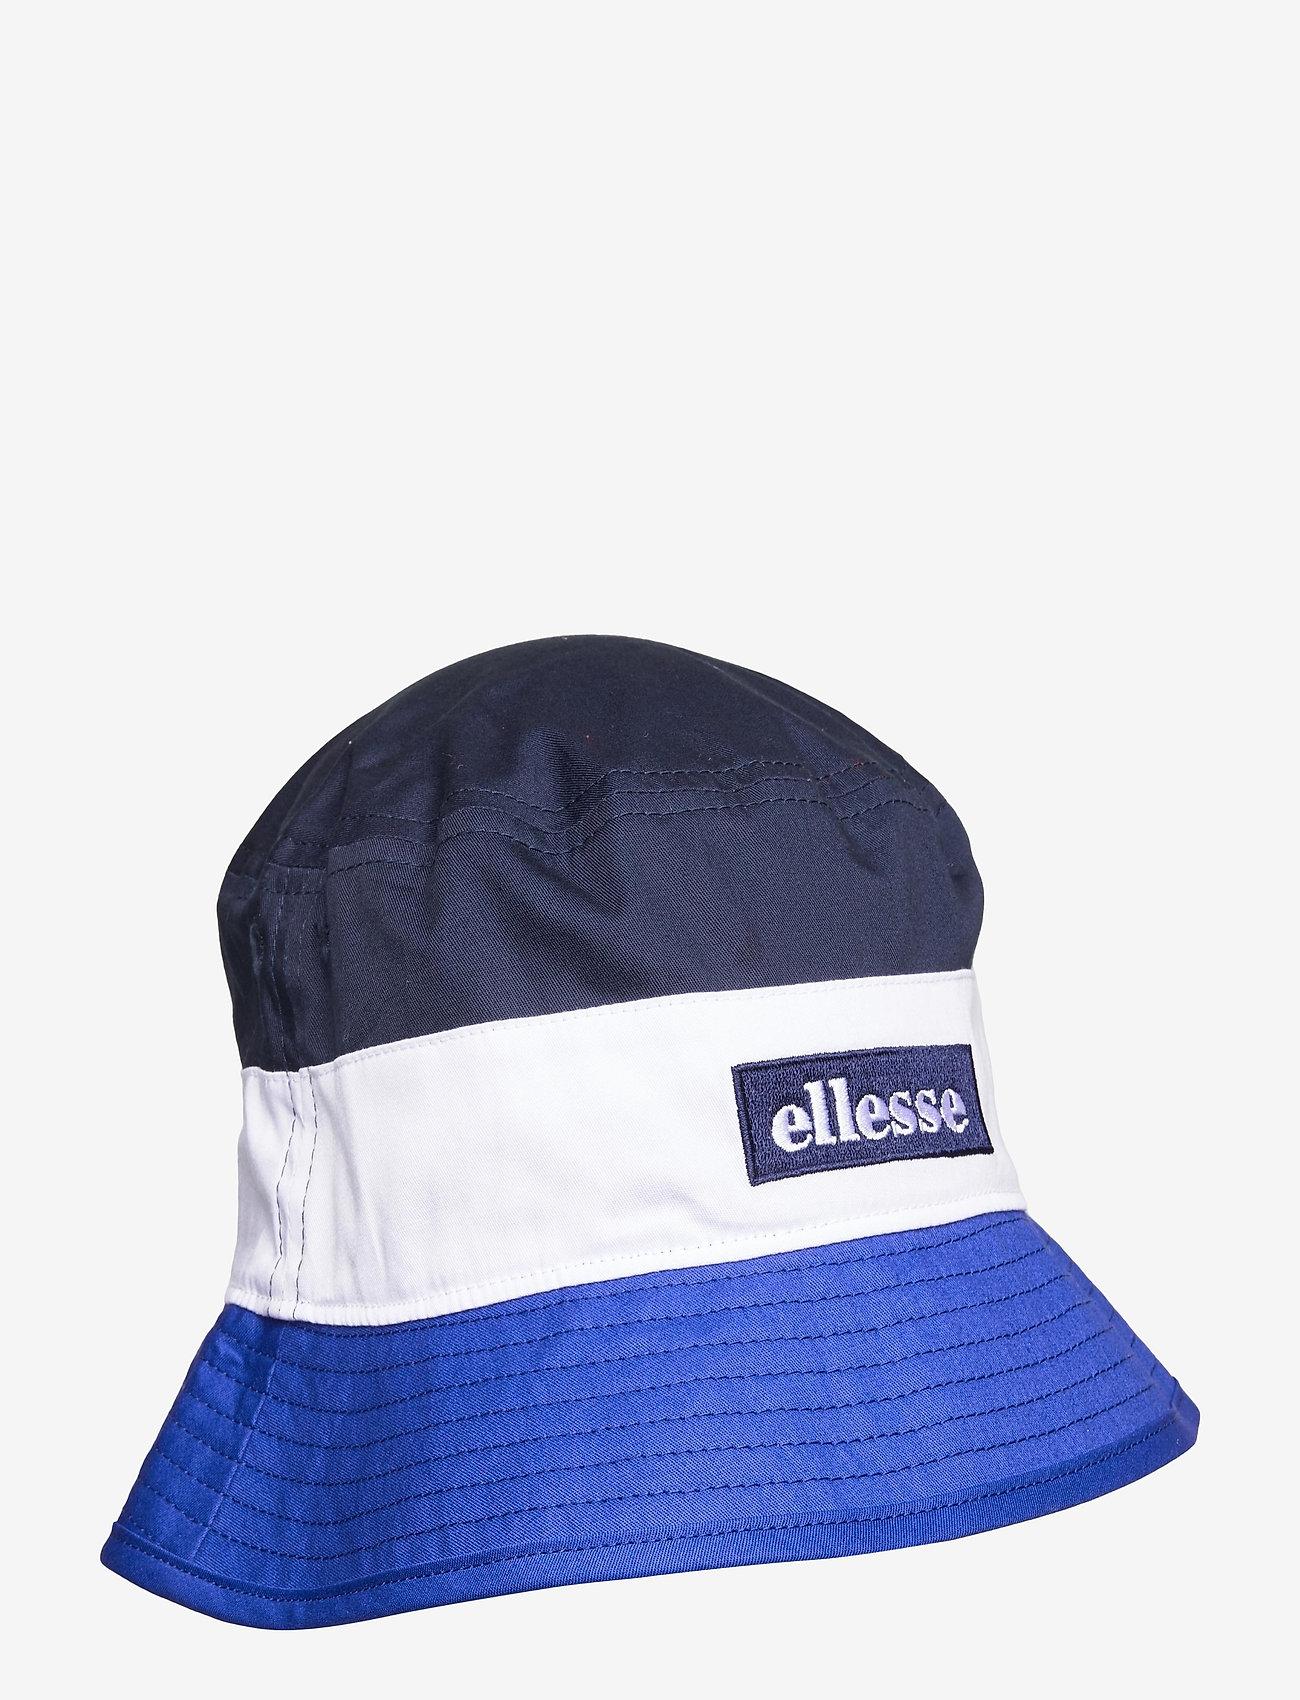 Ellesse - EL ONZIO BUCKET HAT - bucket hats - blue - 0